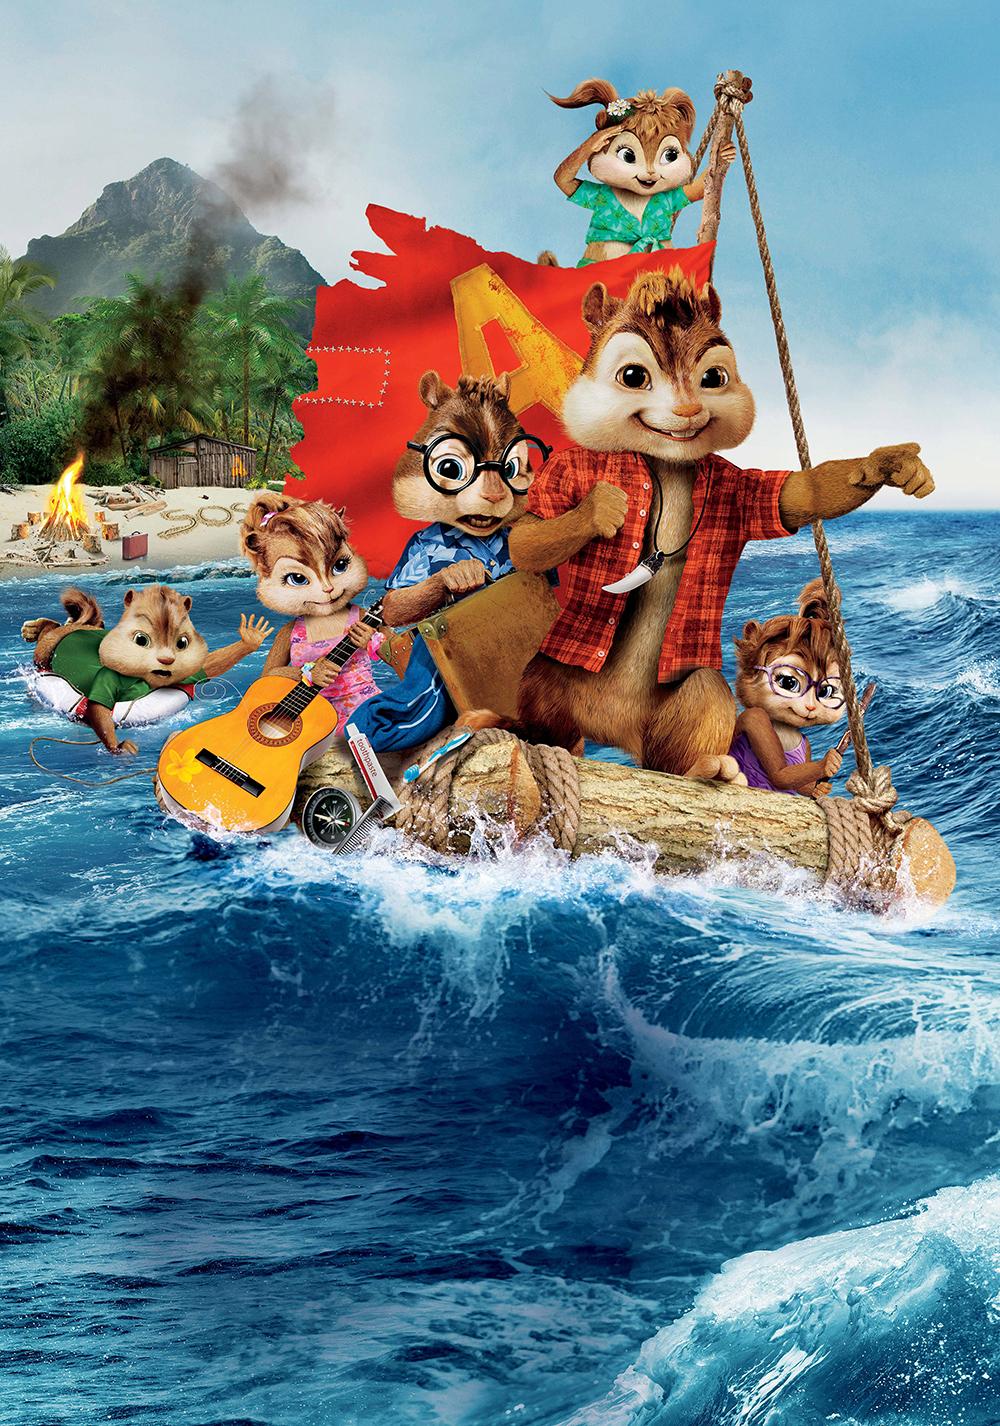 Alvin And The Chipmunks: Chipwrecked | Movie Fanart tout Dessin Animé Alvin Et Les Chipmunks